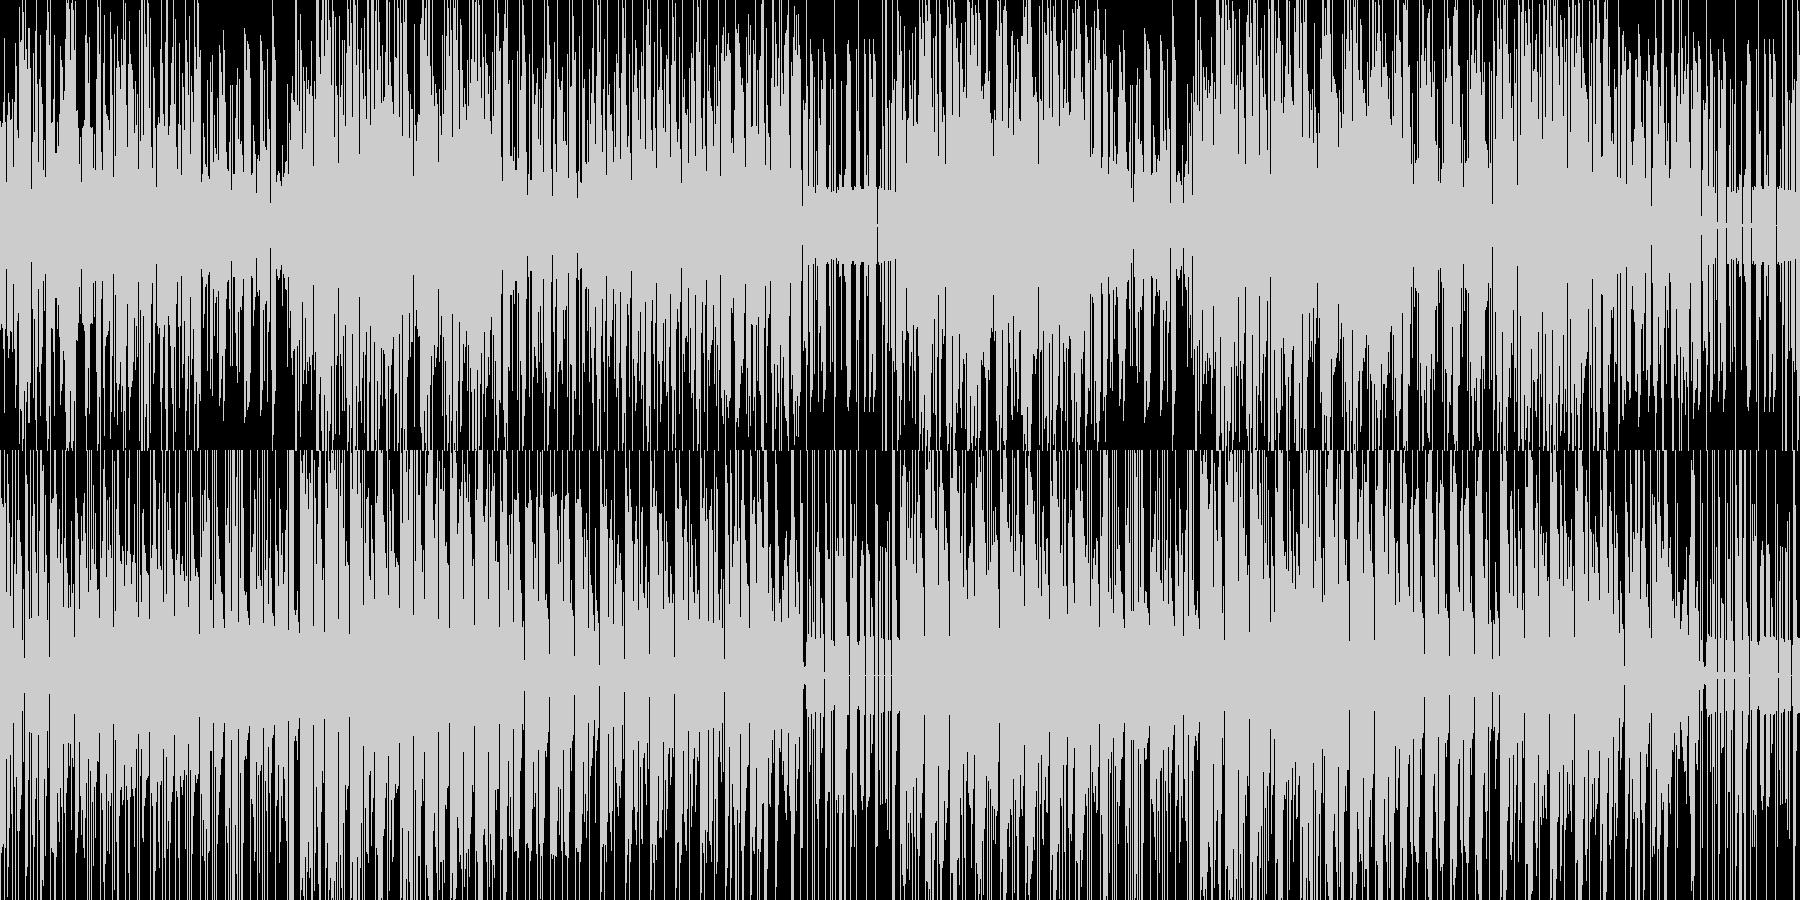 変拍子で壊れた時計のようなニカの未再生の波形